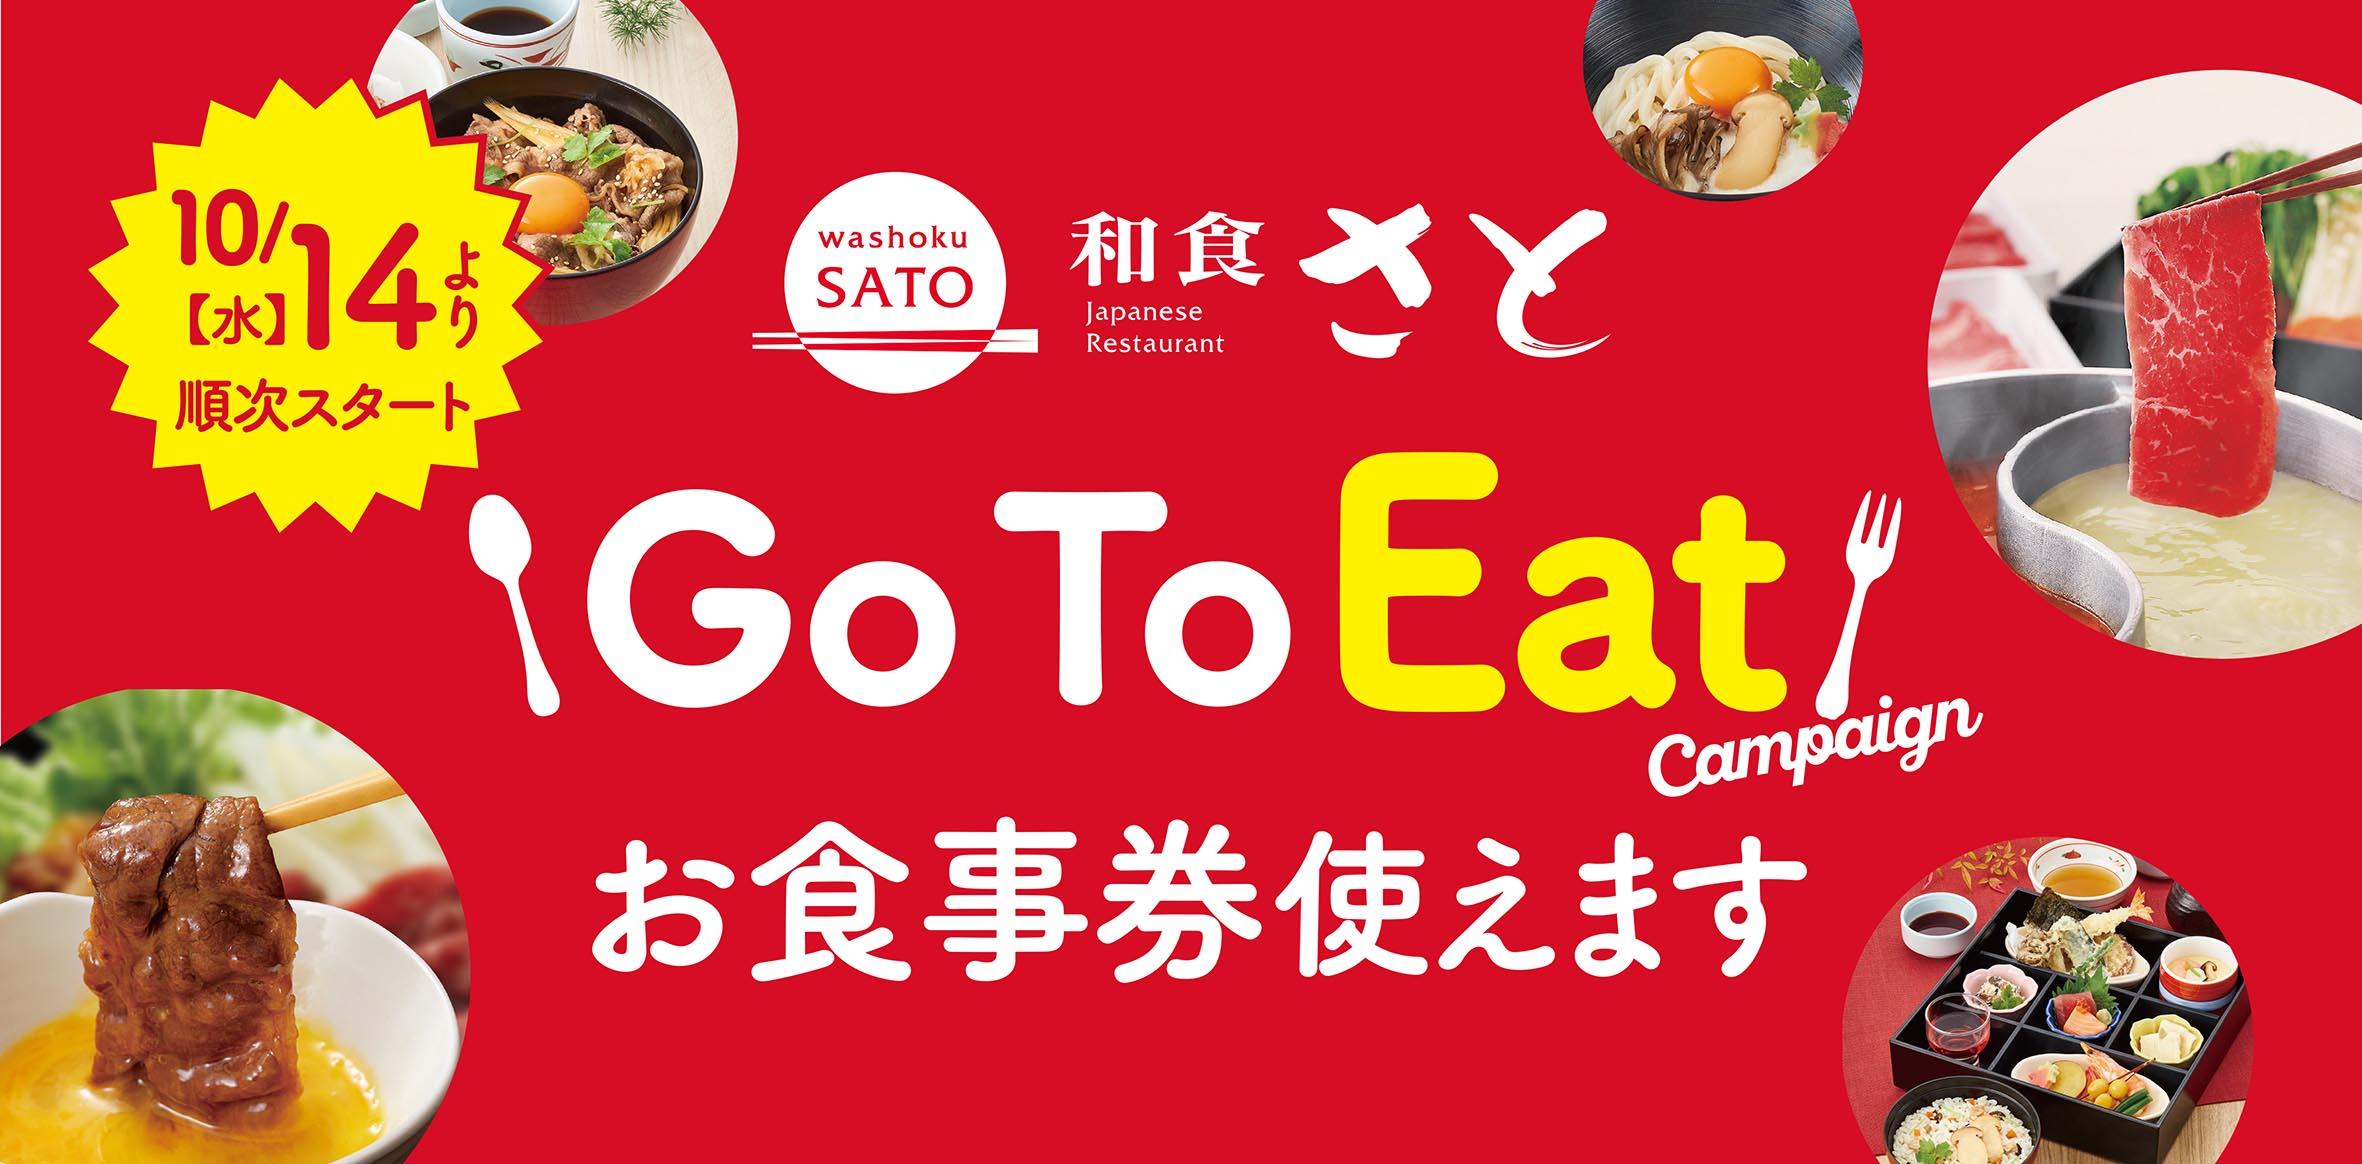 三重 eat go 県 to